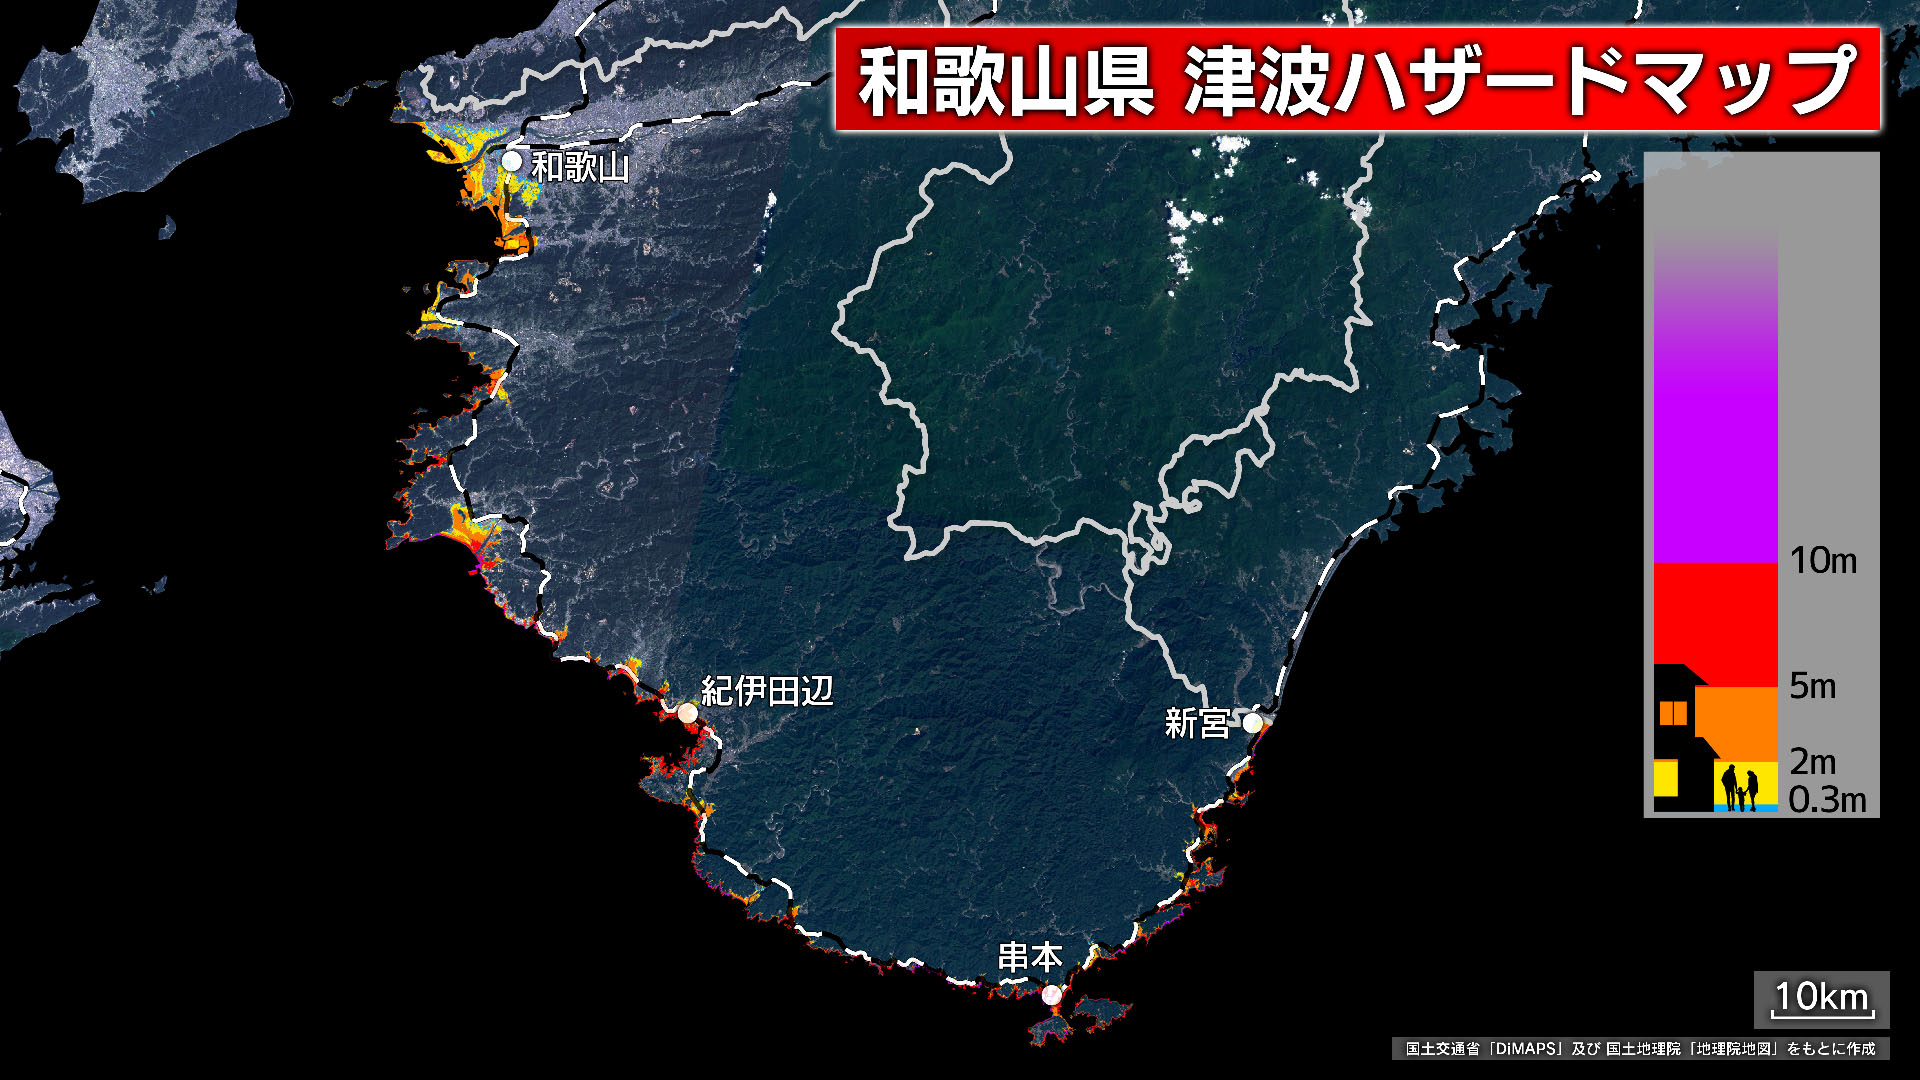 和歌山県 津波ハザードマップ